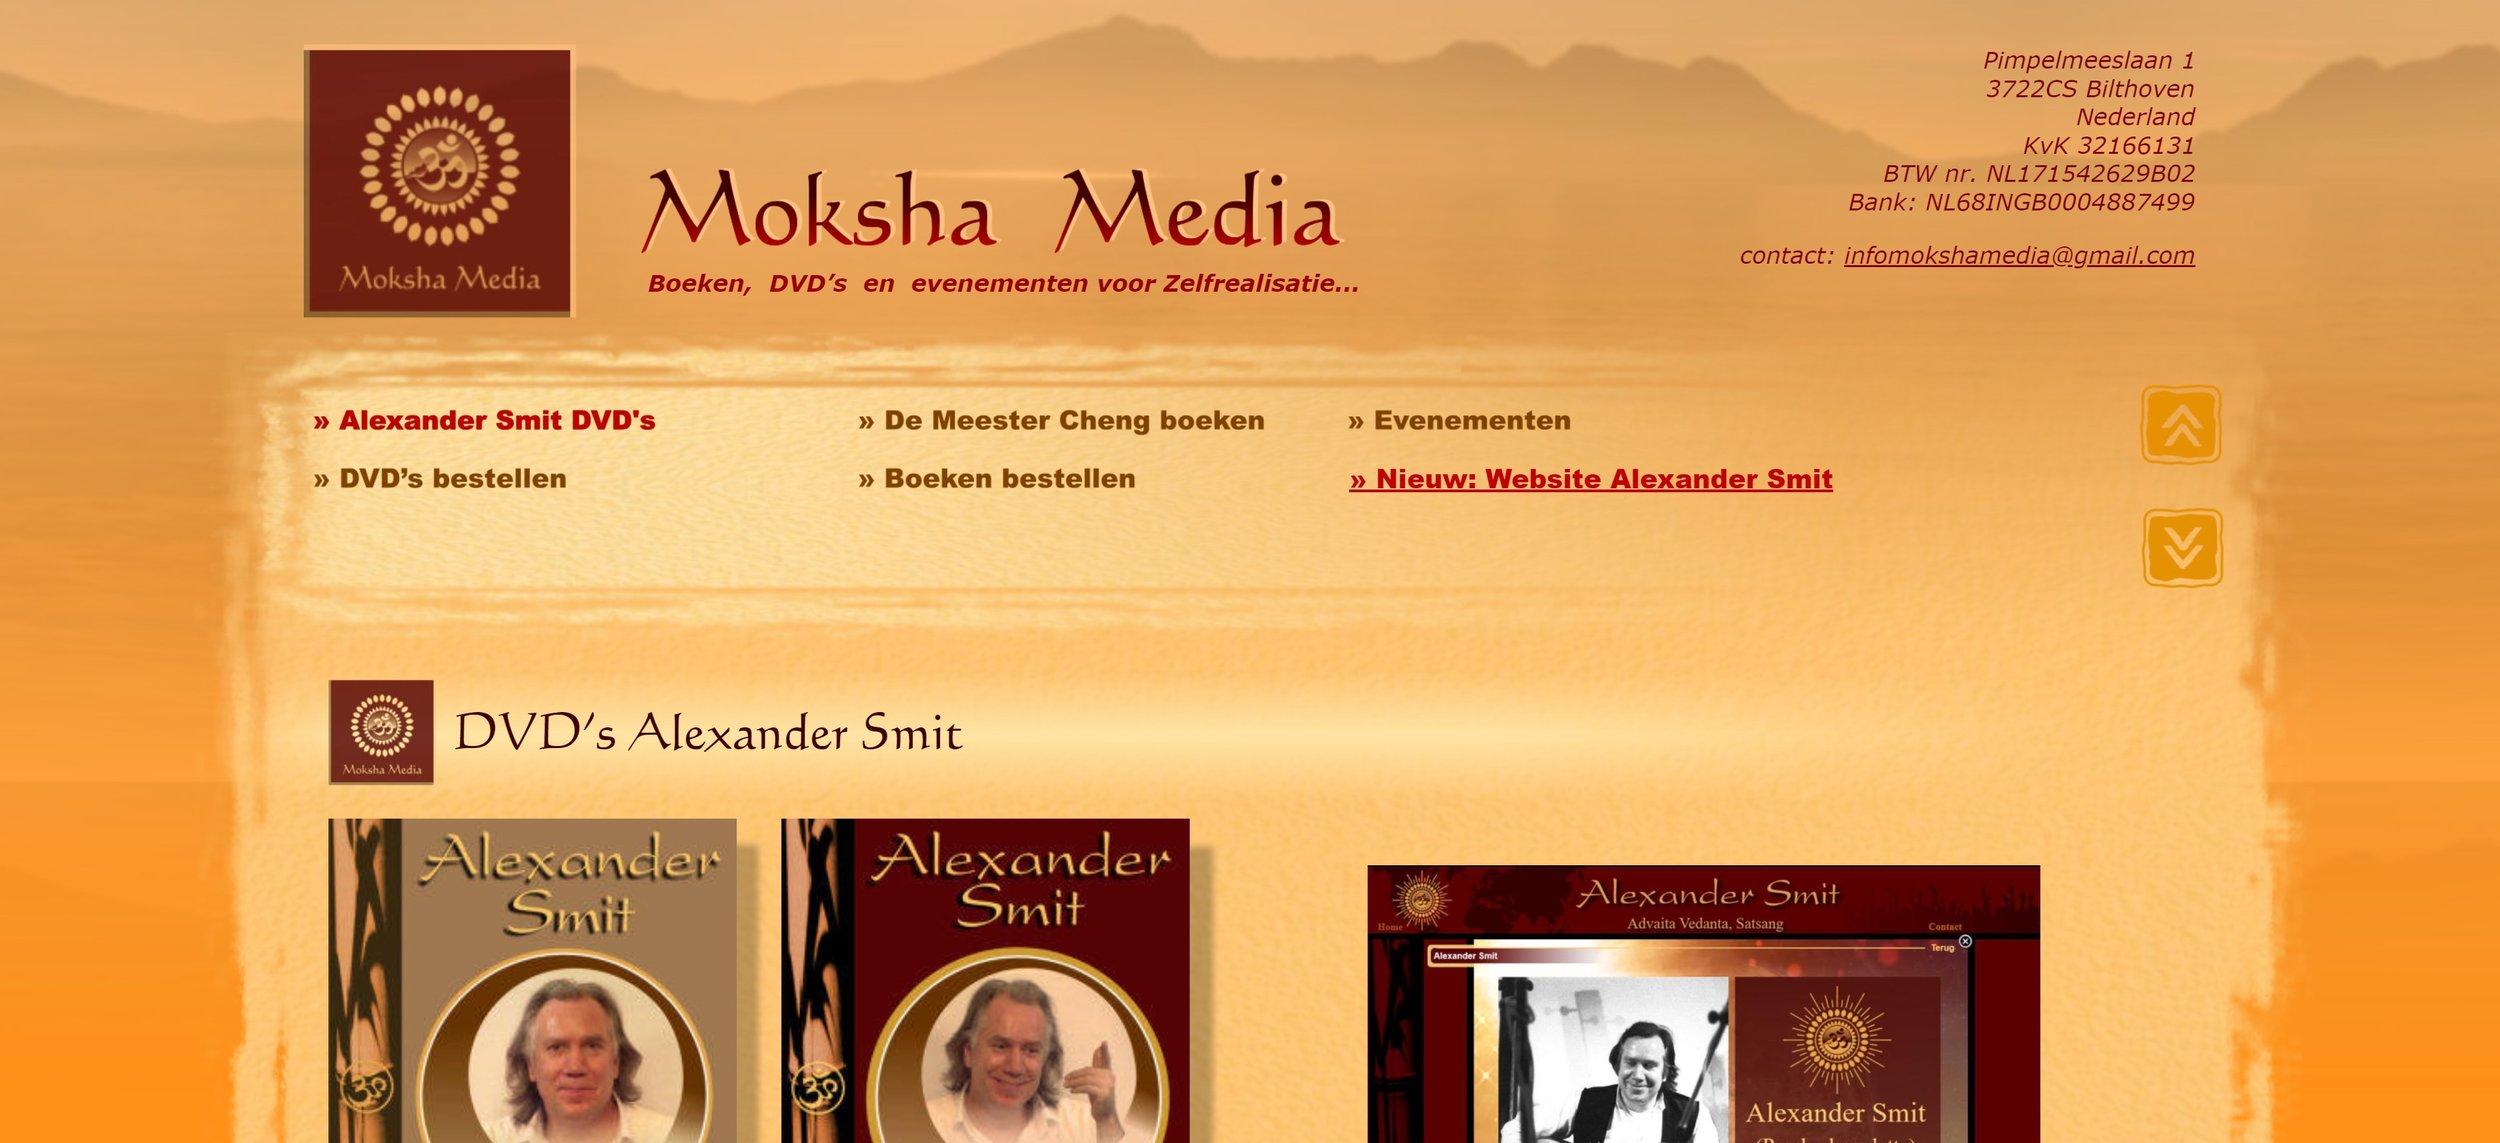 Satsang Mokshamedia